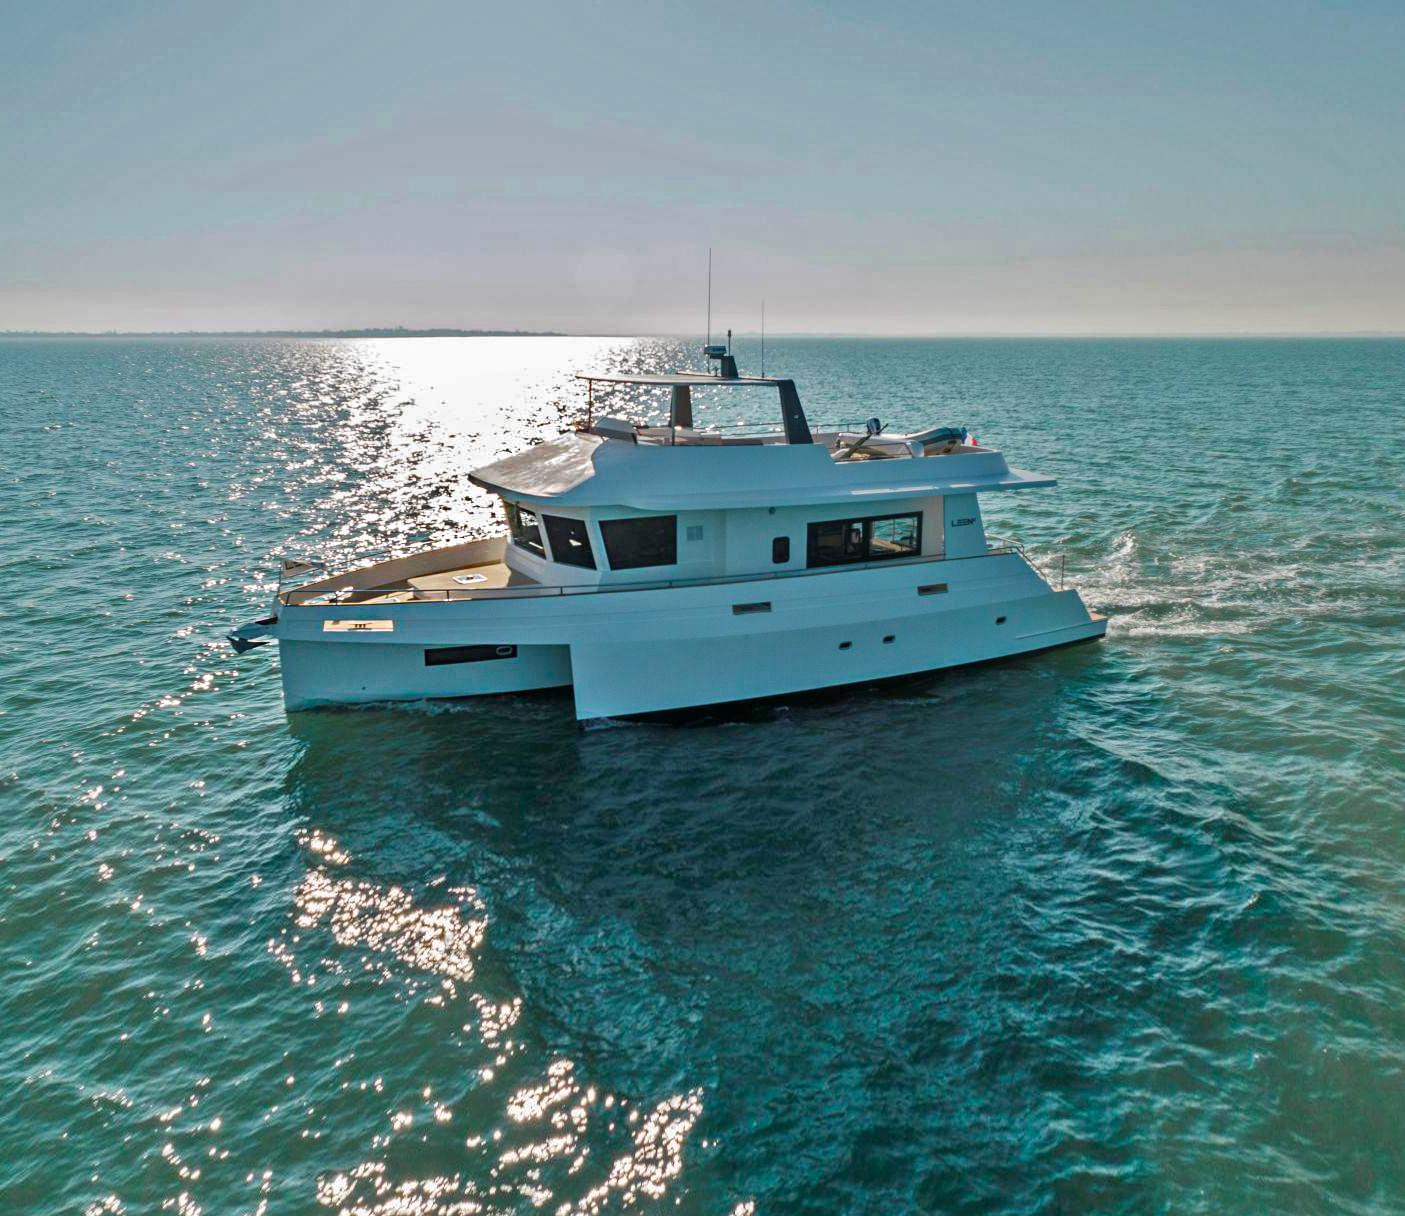 LEEN 56 Trimaran Yacht